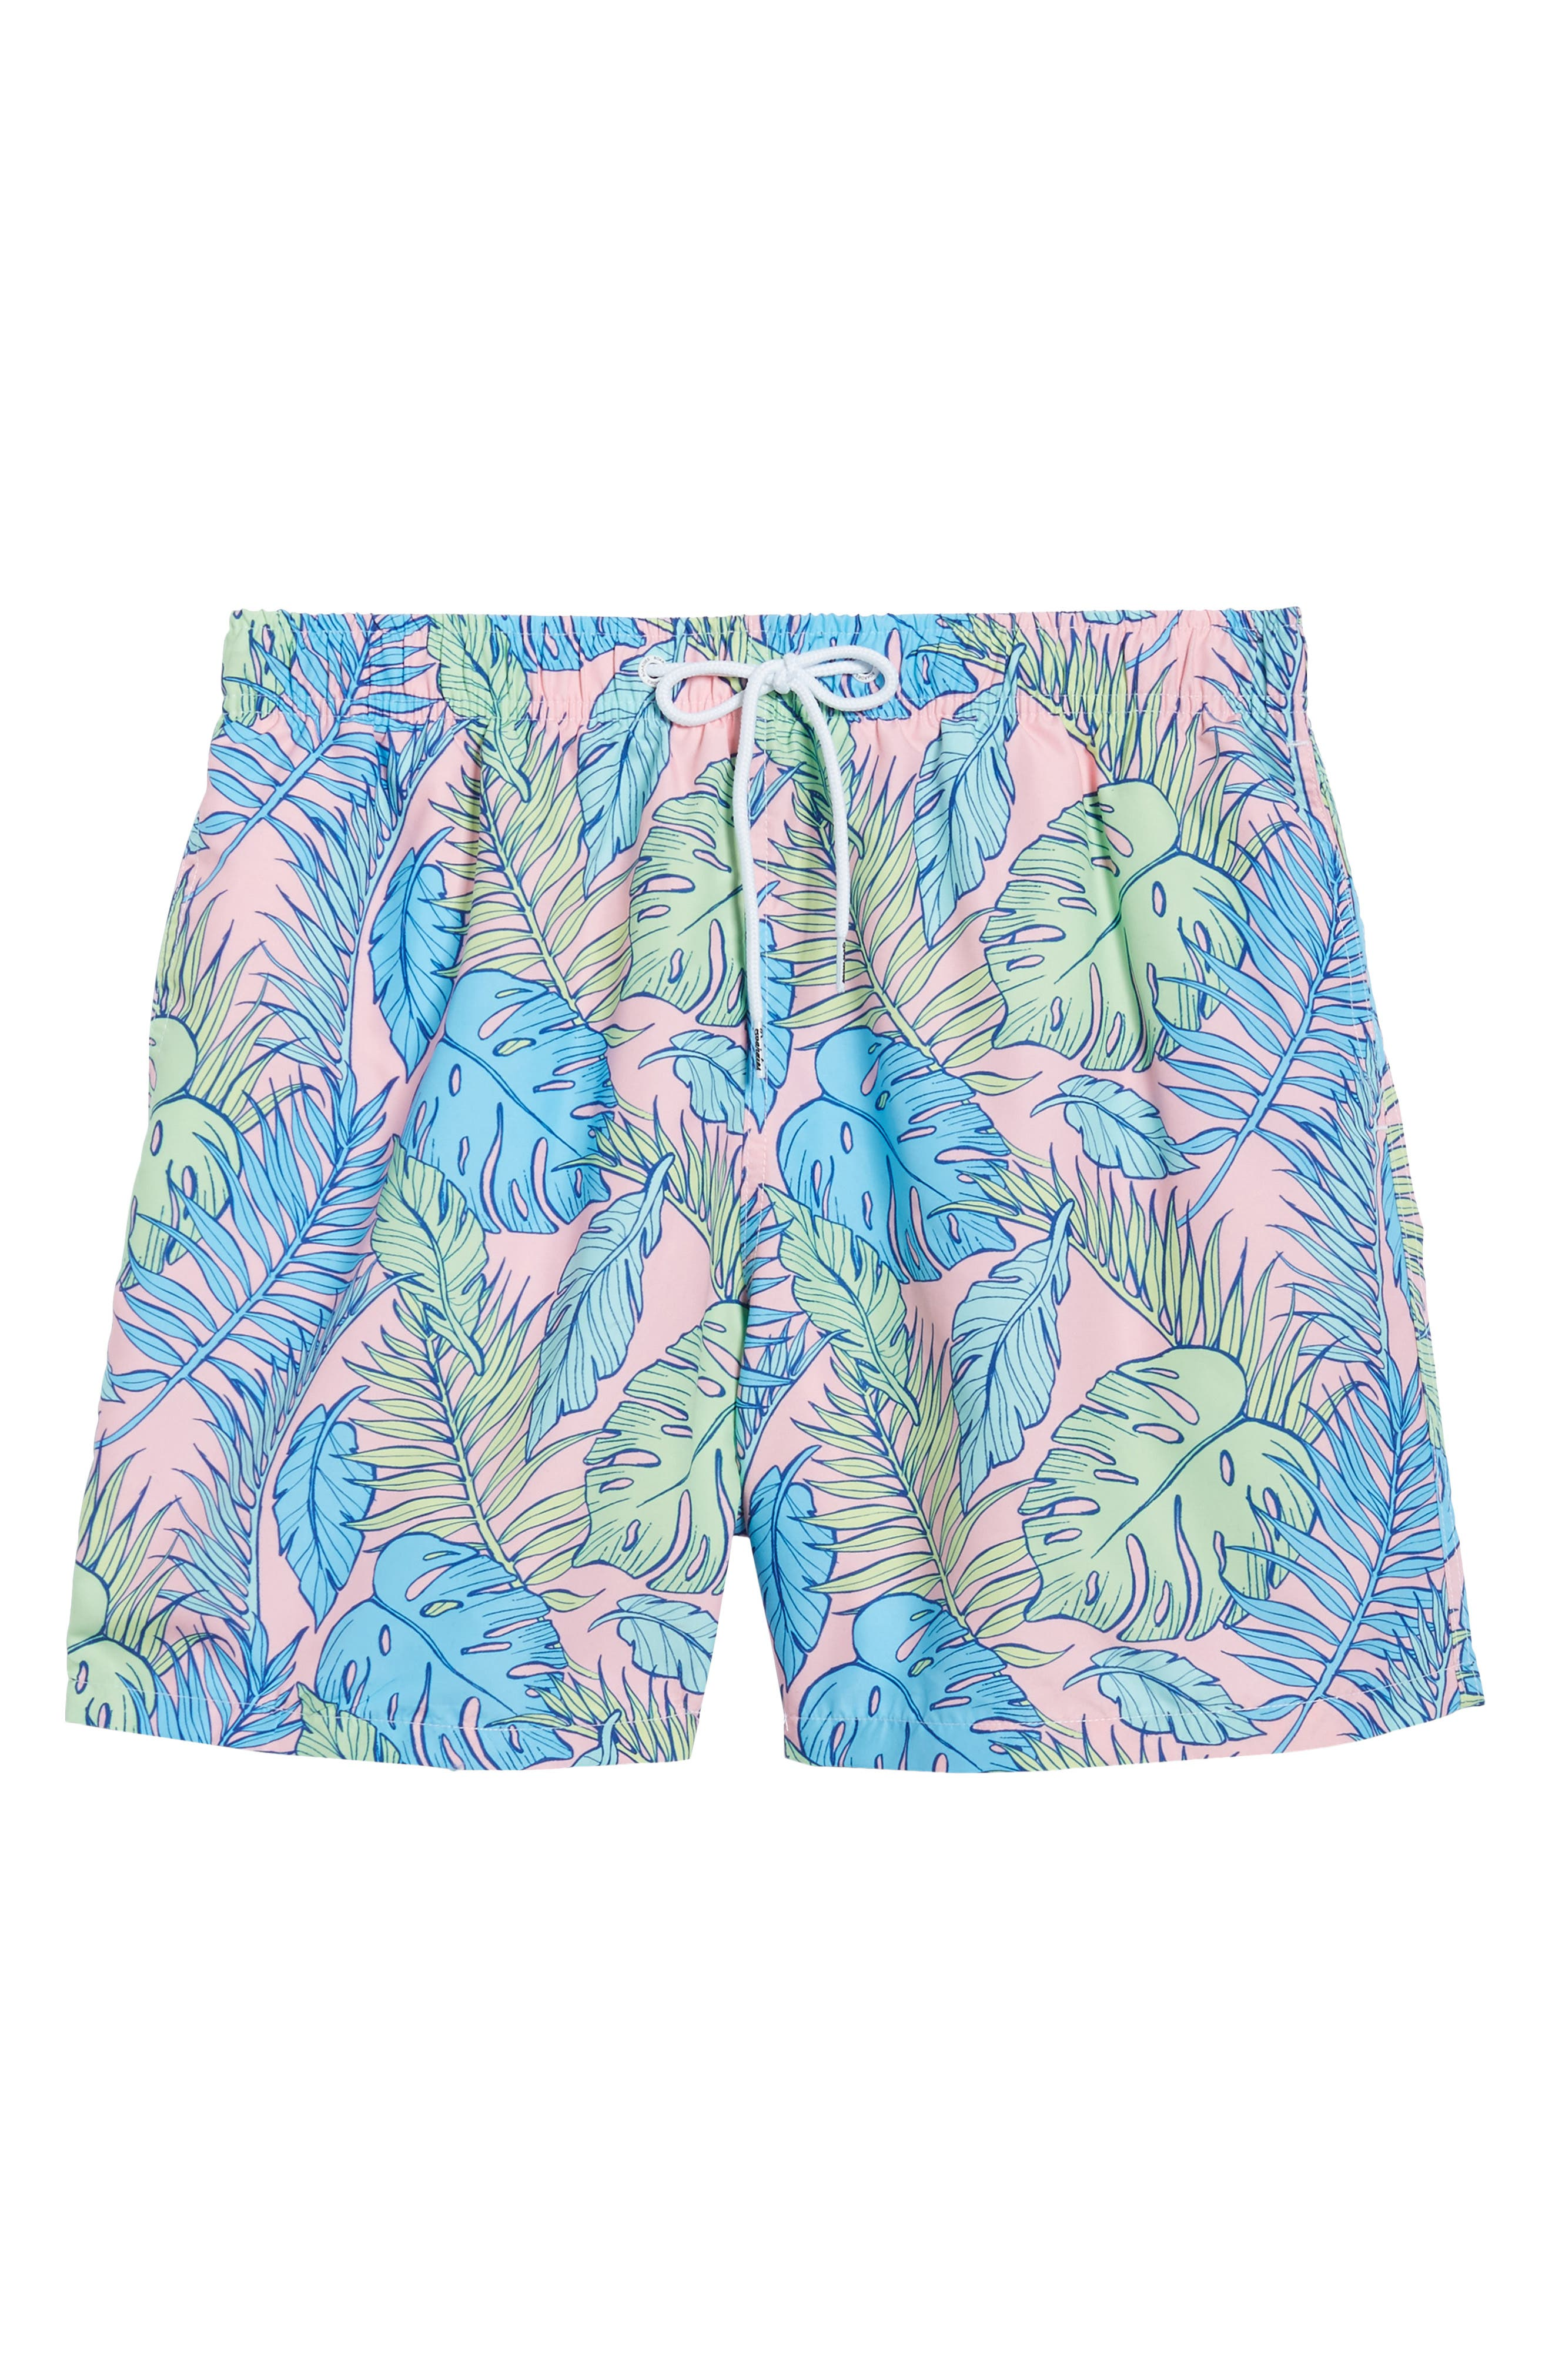 Palmtopia Swim Shorts,                             Alternate thumbnail 6, color,                             MULTI